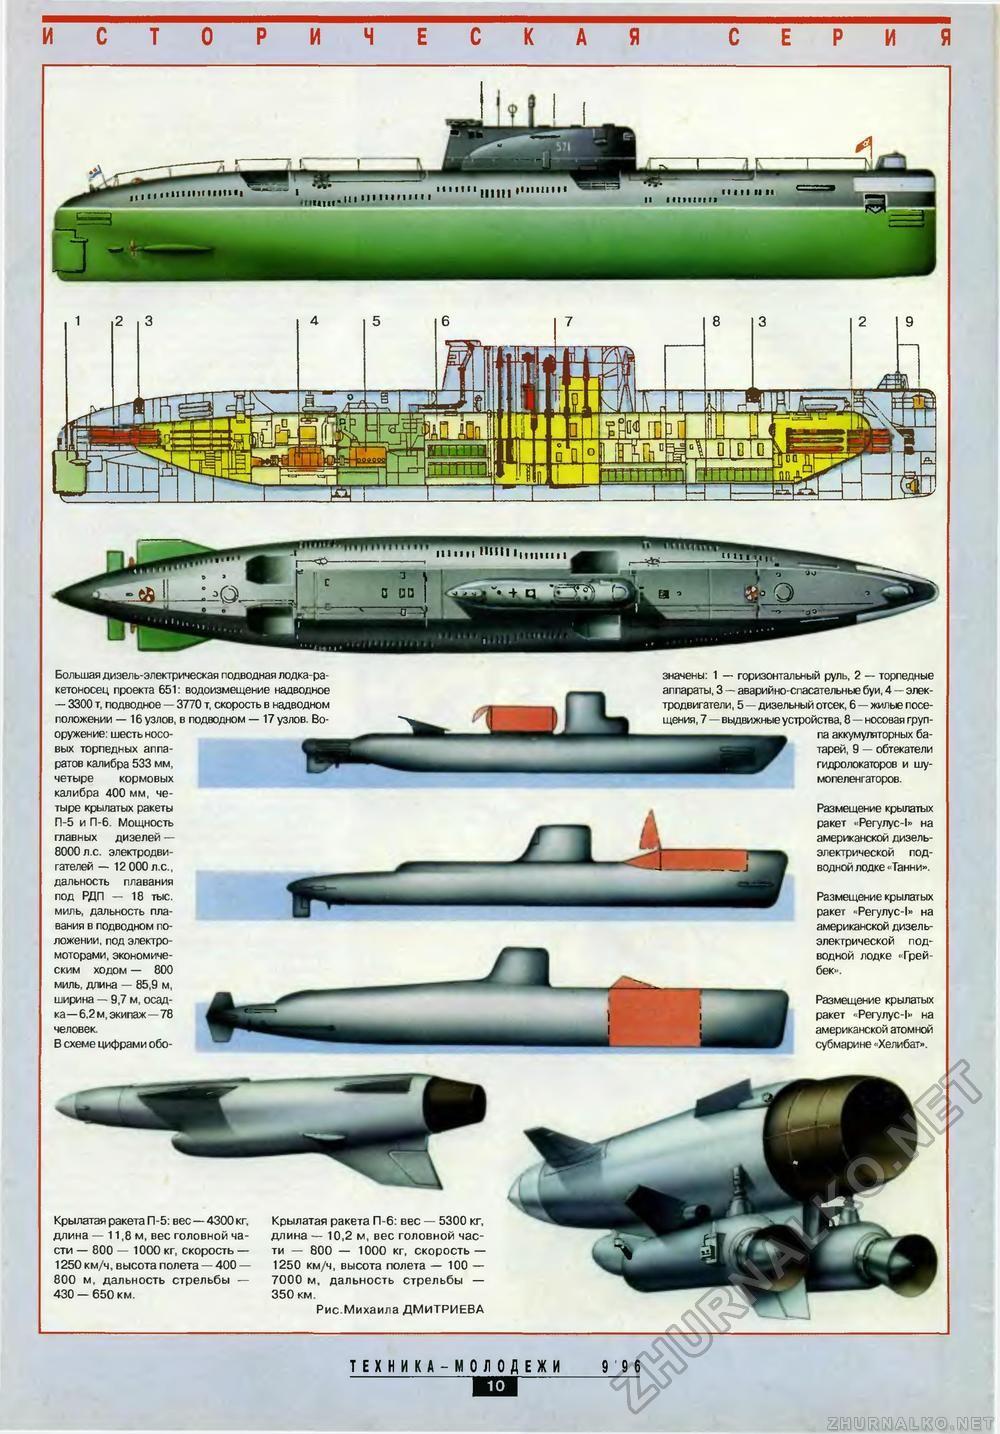 Tehnika Molodyozhi 1996 09 Stranica 12 Podvodnye Lodki Atomnaya Podvodnaya Lodka Lodka